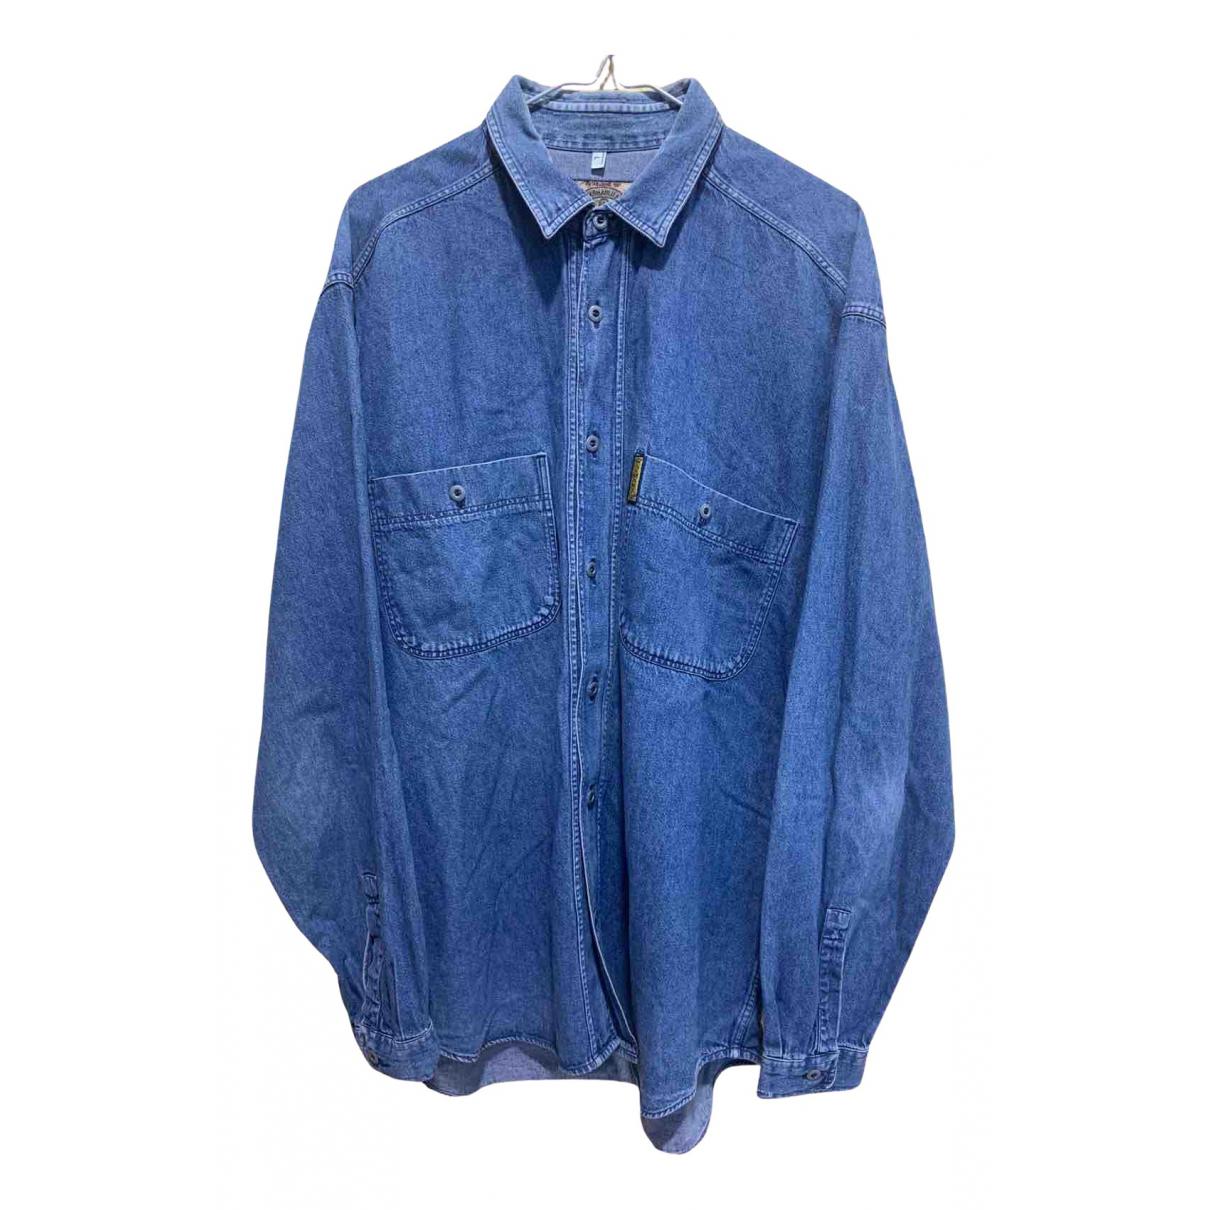 Armani Jeans \N Hemden in  Blau Denim - Jeans